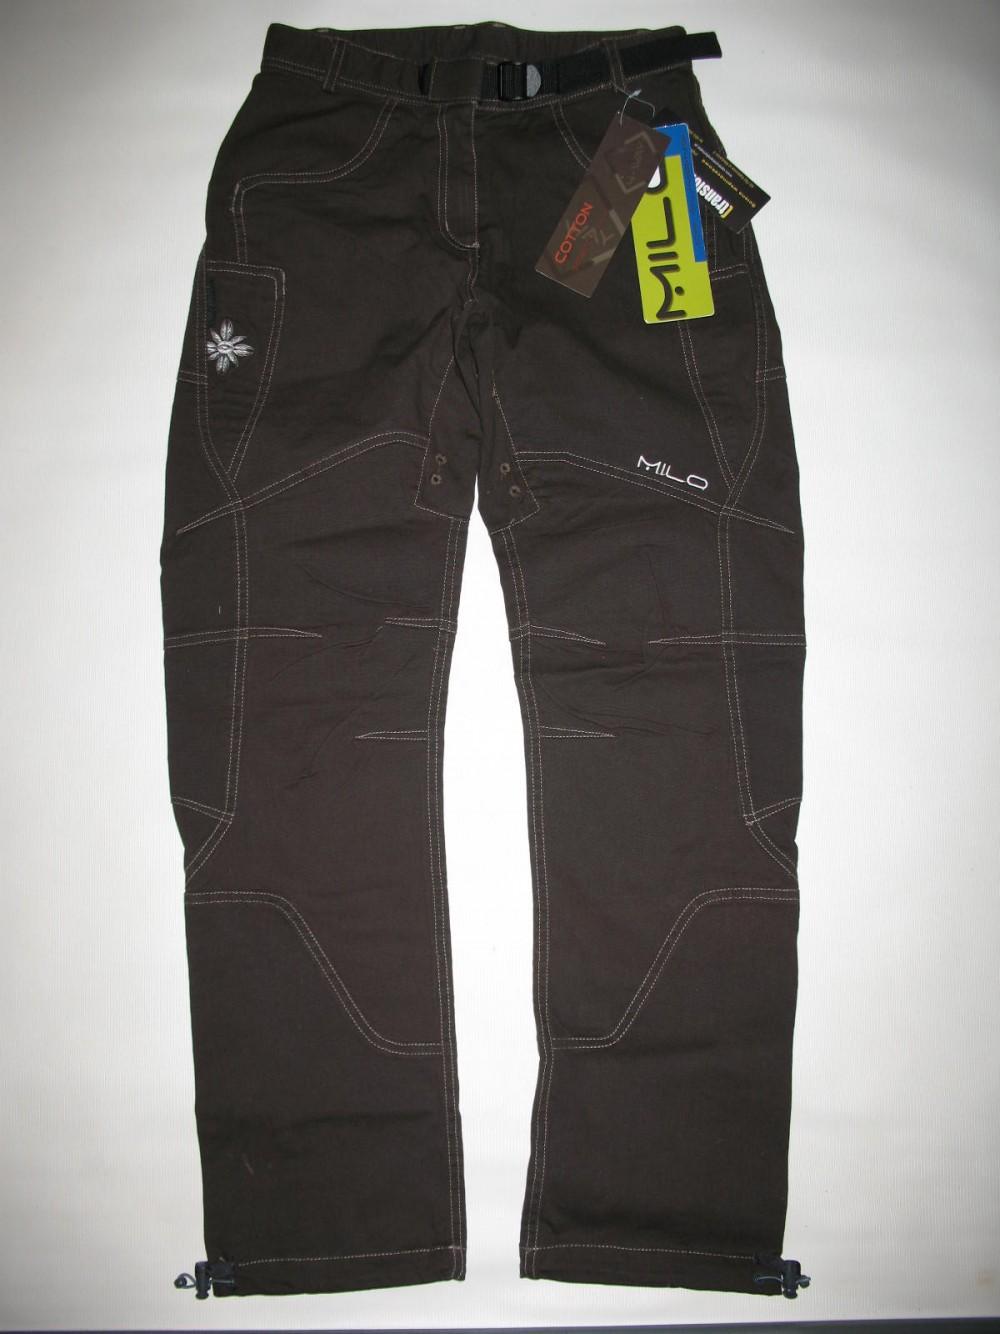 Штаны MILO loyc pants lady (размер S) - 11